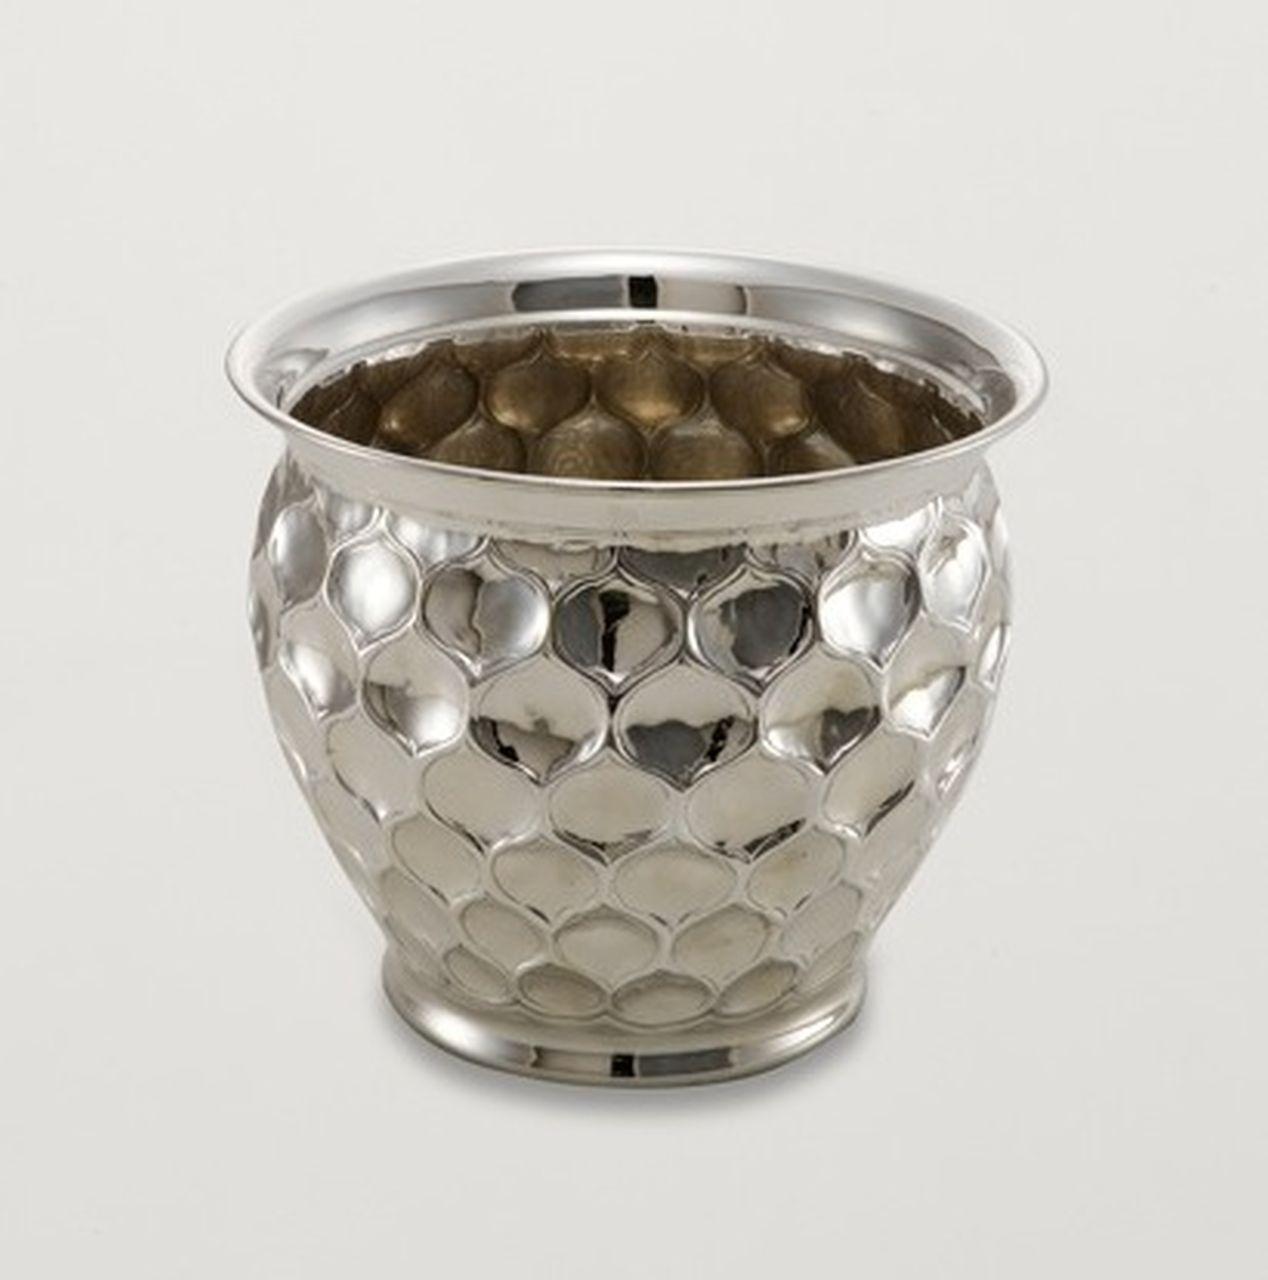 Vaso Fiori Cache Pot portapiante argentato argento sheffield stile goccia cm.22h diam.29,5